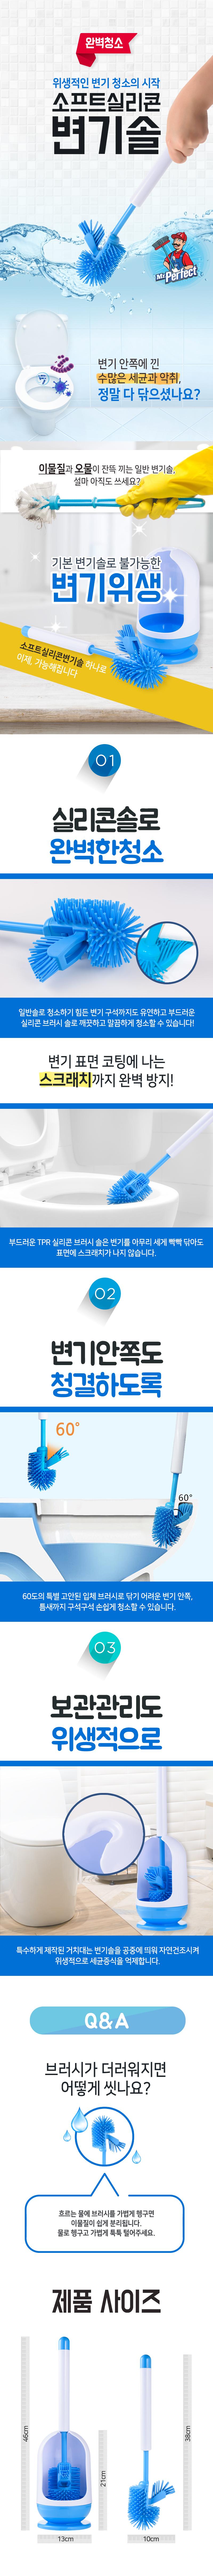 미스터퍼펙트 듀얼액션클리너 막대걸레 실리콘청소도구 모음 - 상상엔, 24,900원, 청소도구, 회전밀대